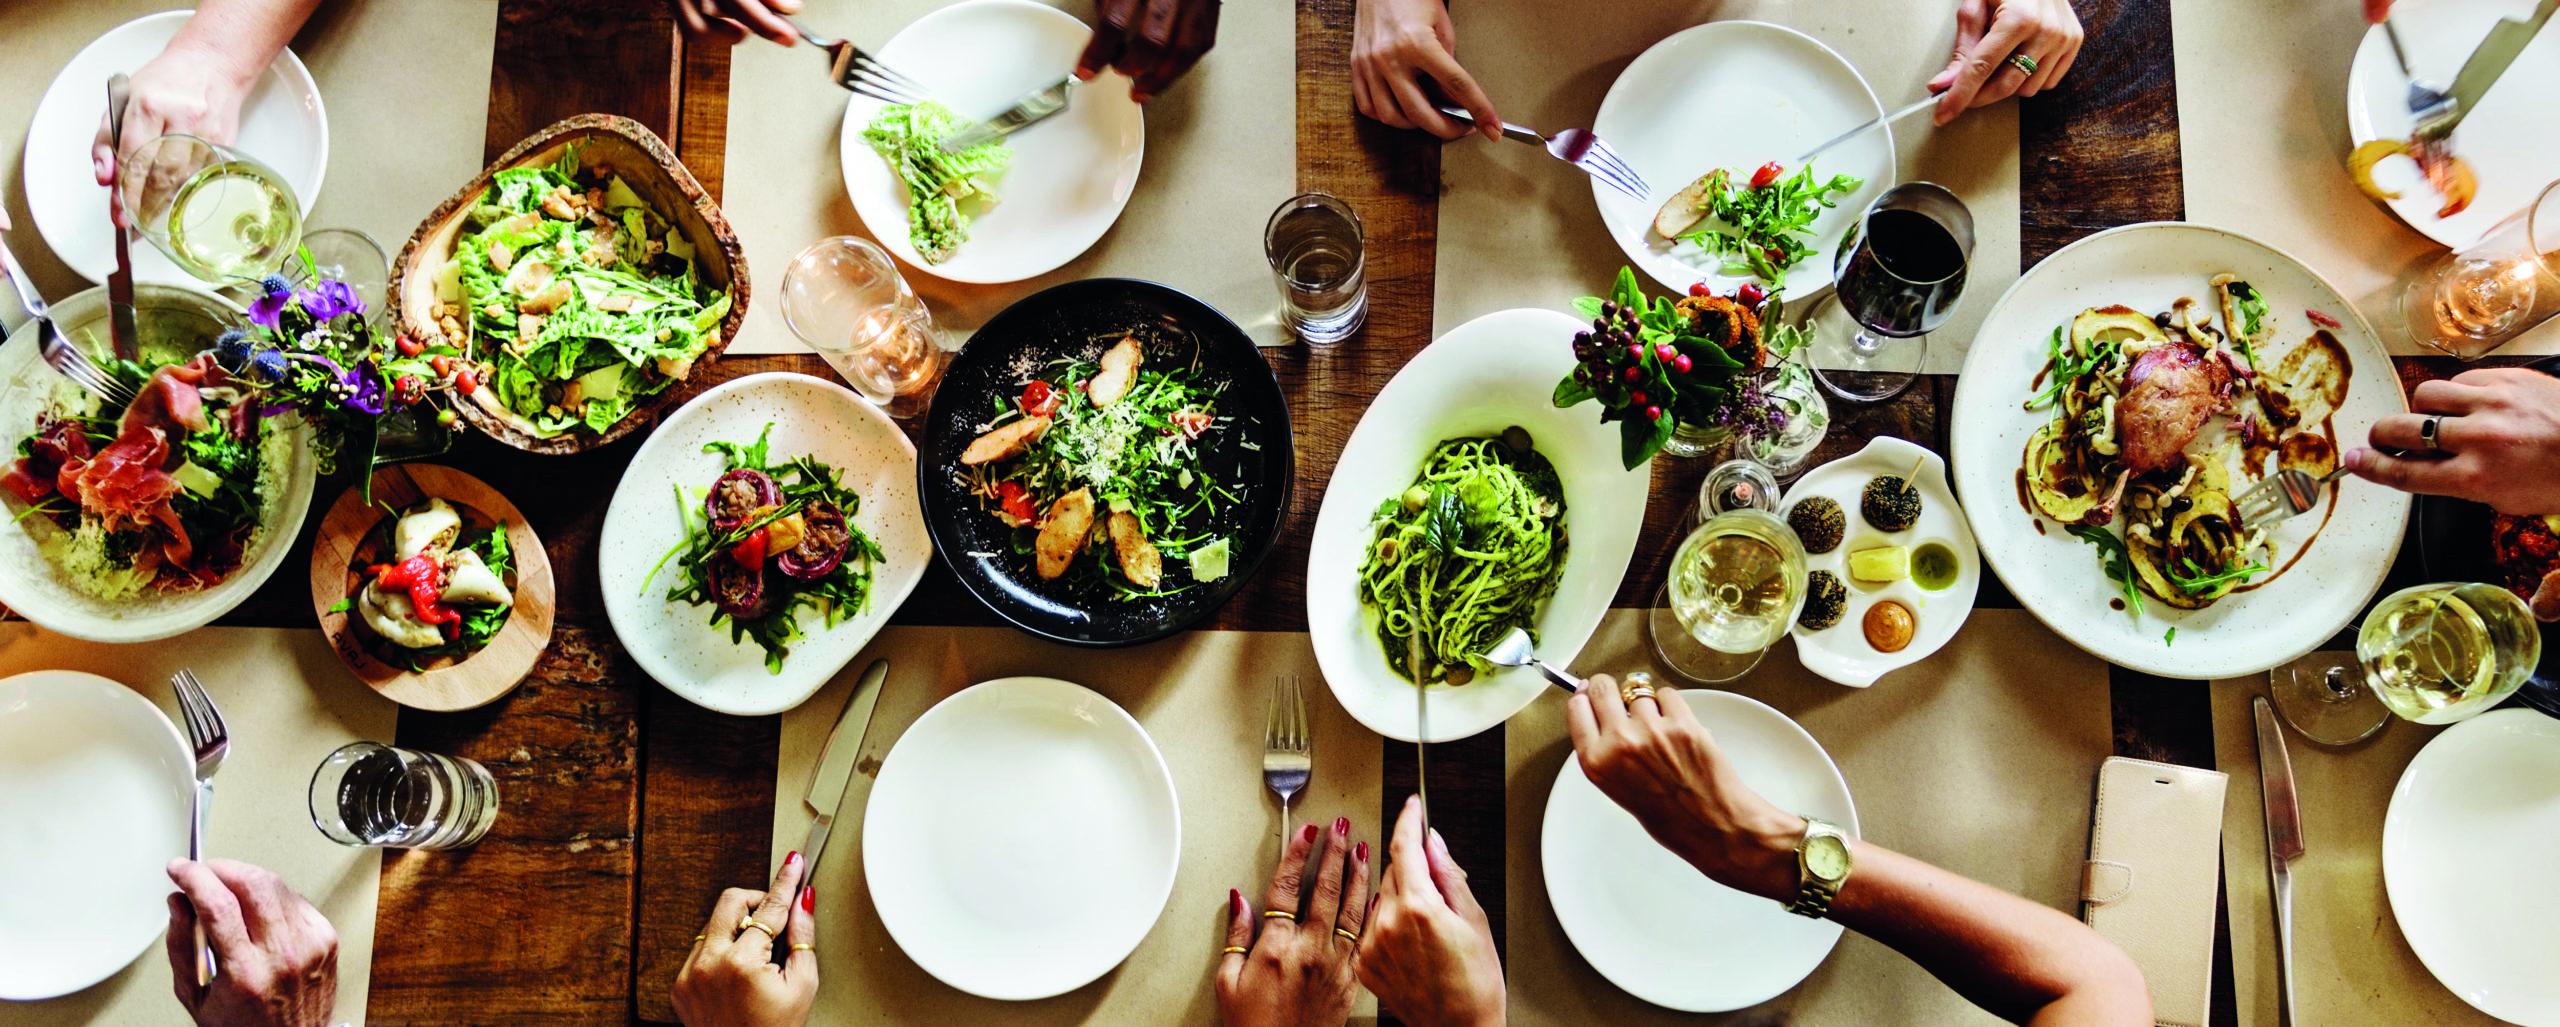 Schlanke Verwaltung und professionelle Arbeit - werden sie als Küchenstudio Mitglied im Einkaufsverband KMG